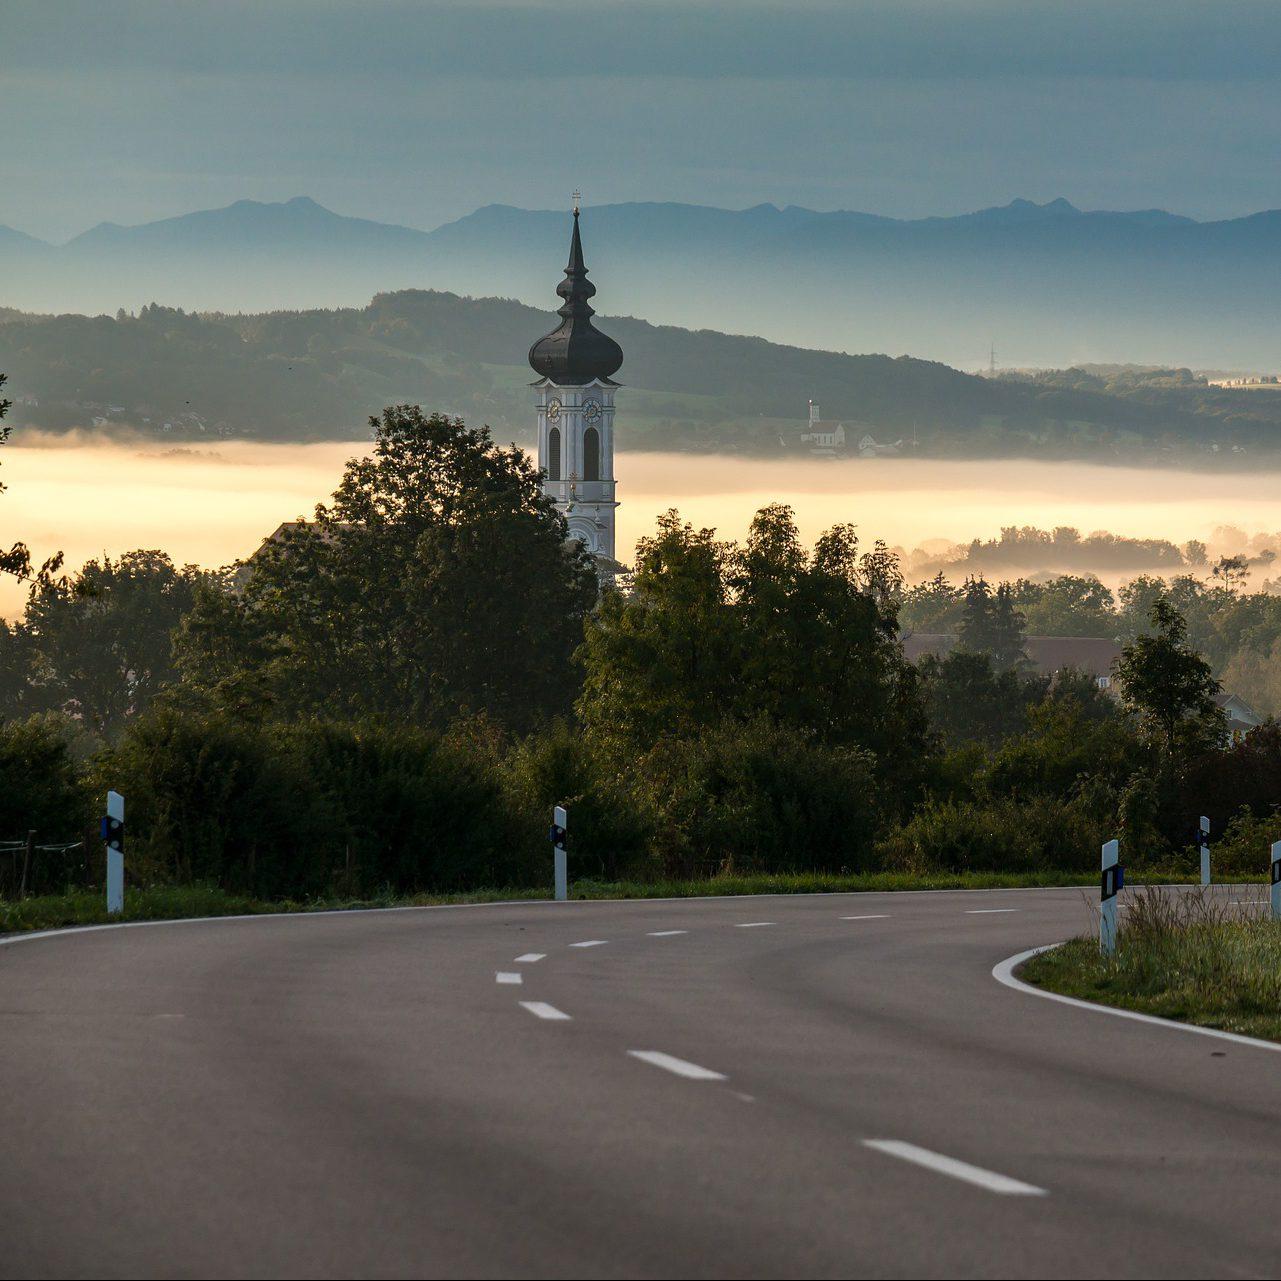 Revitalisierung des ländlichen Raums durch intelligente Mobilitätskonzepte - Vorstellung und rechtiche Einordnung eines Modellprojektes